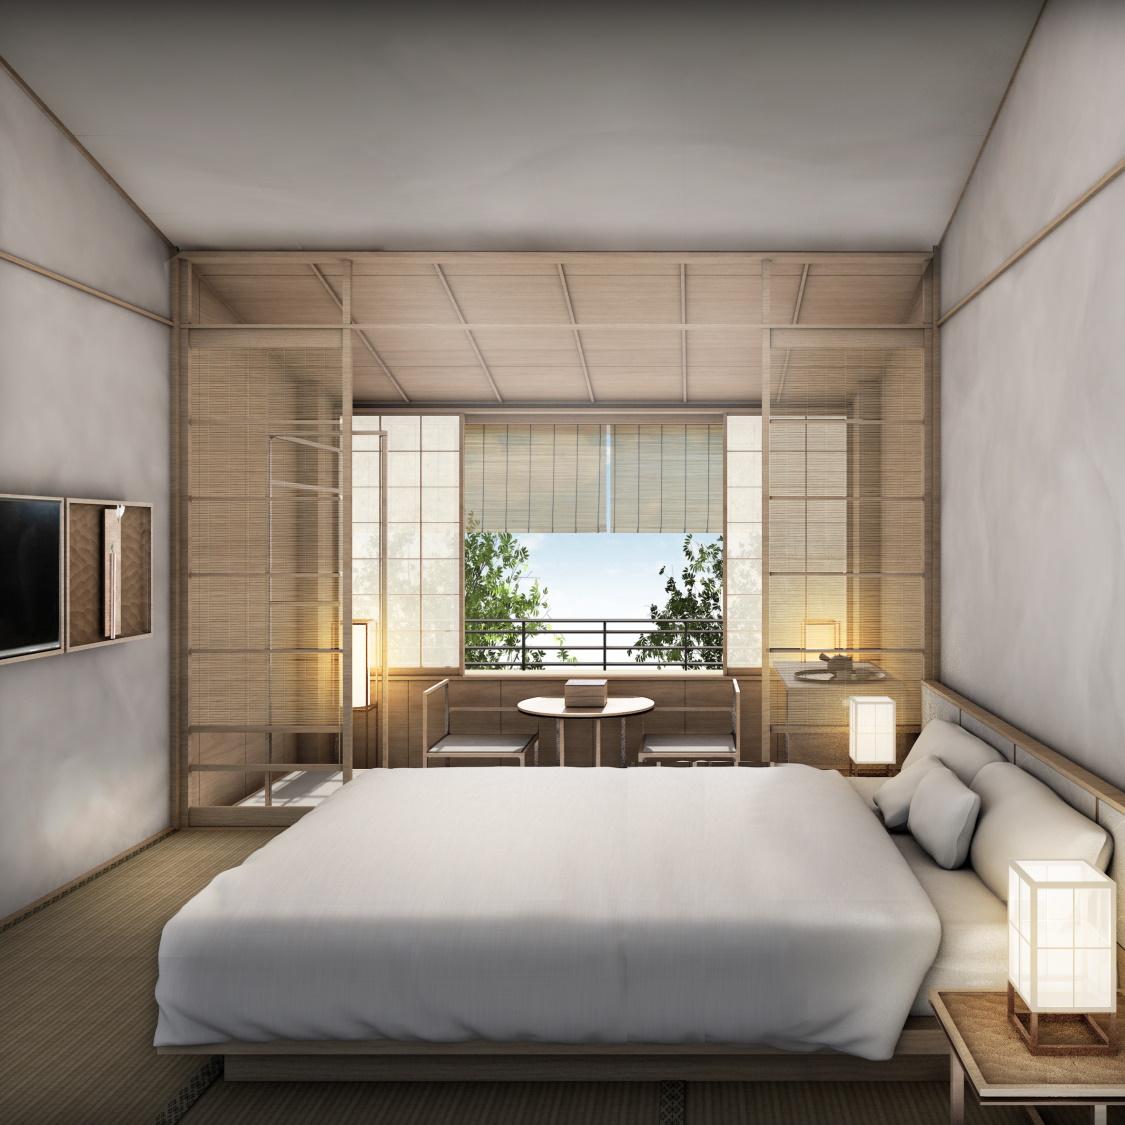 温泉旅館 由縁別邸 東京代田(2020年9月28日開業予定)